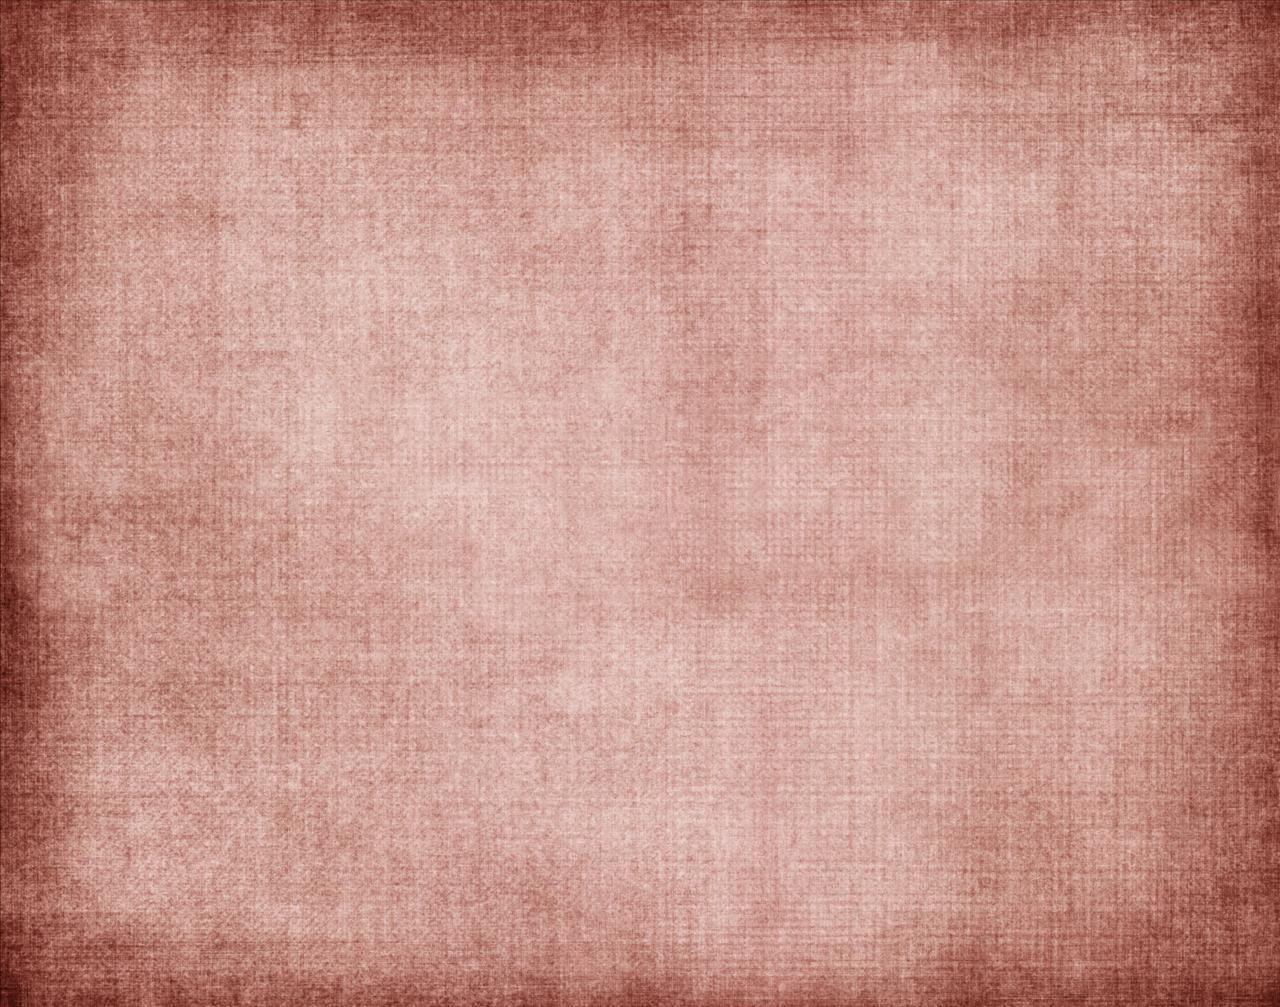 Faded Wallpaper Wallpapersafari